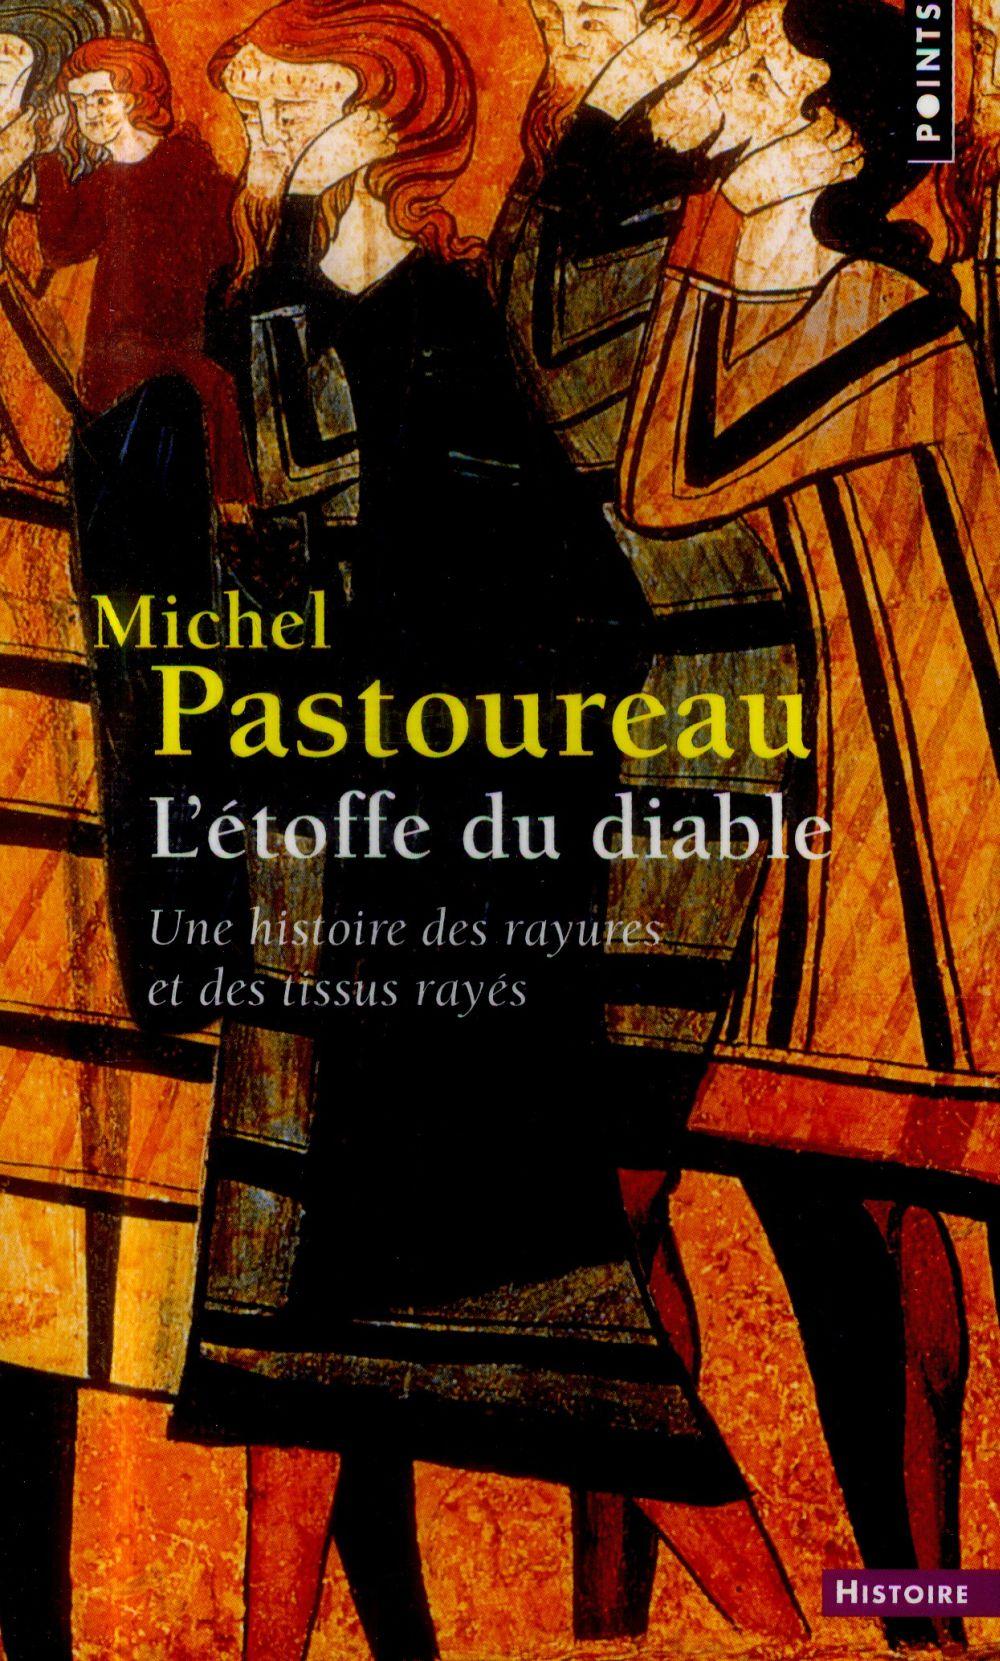 https://webservice-livre.tmic-ellipses.com/couverture/9782757841785.jpg Pastoureau Michel Points